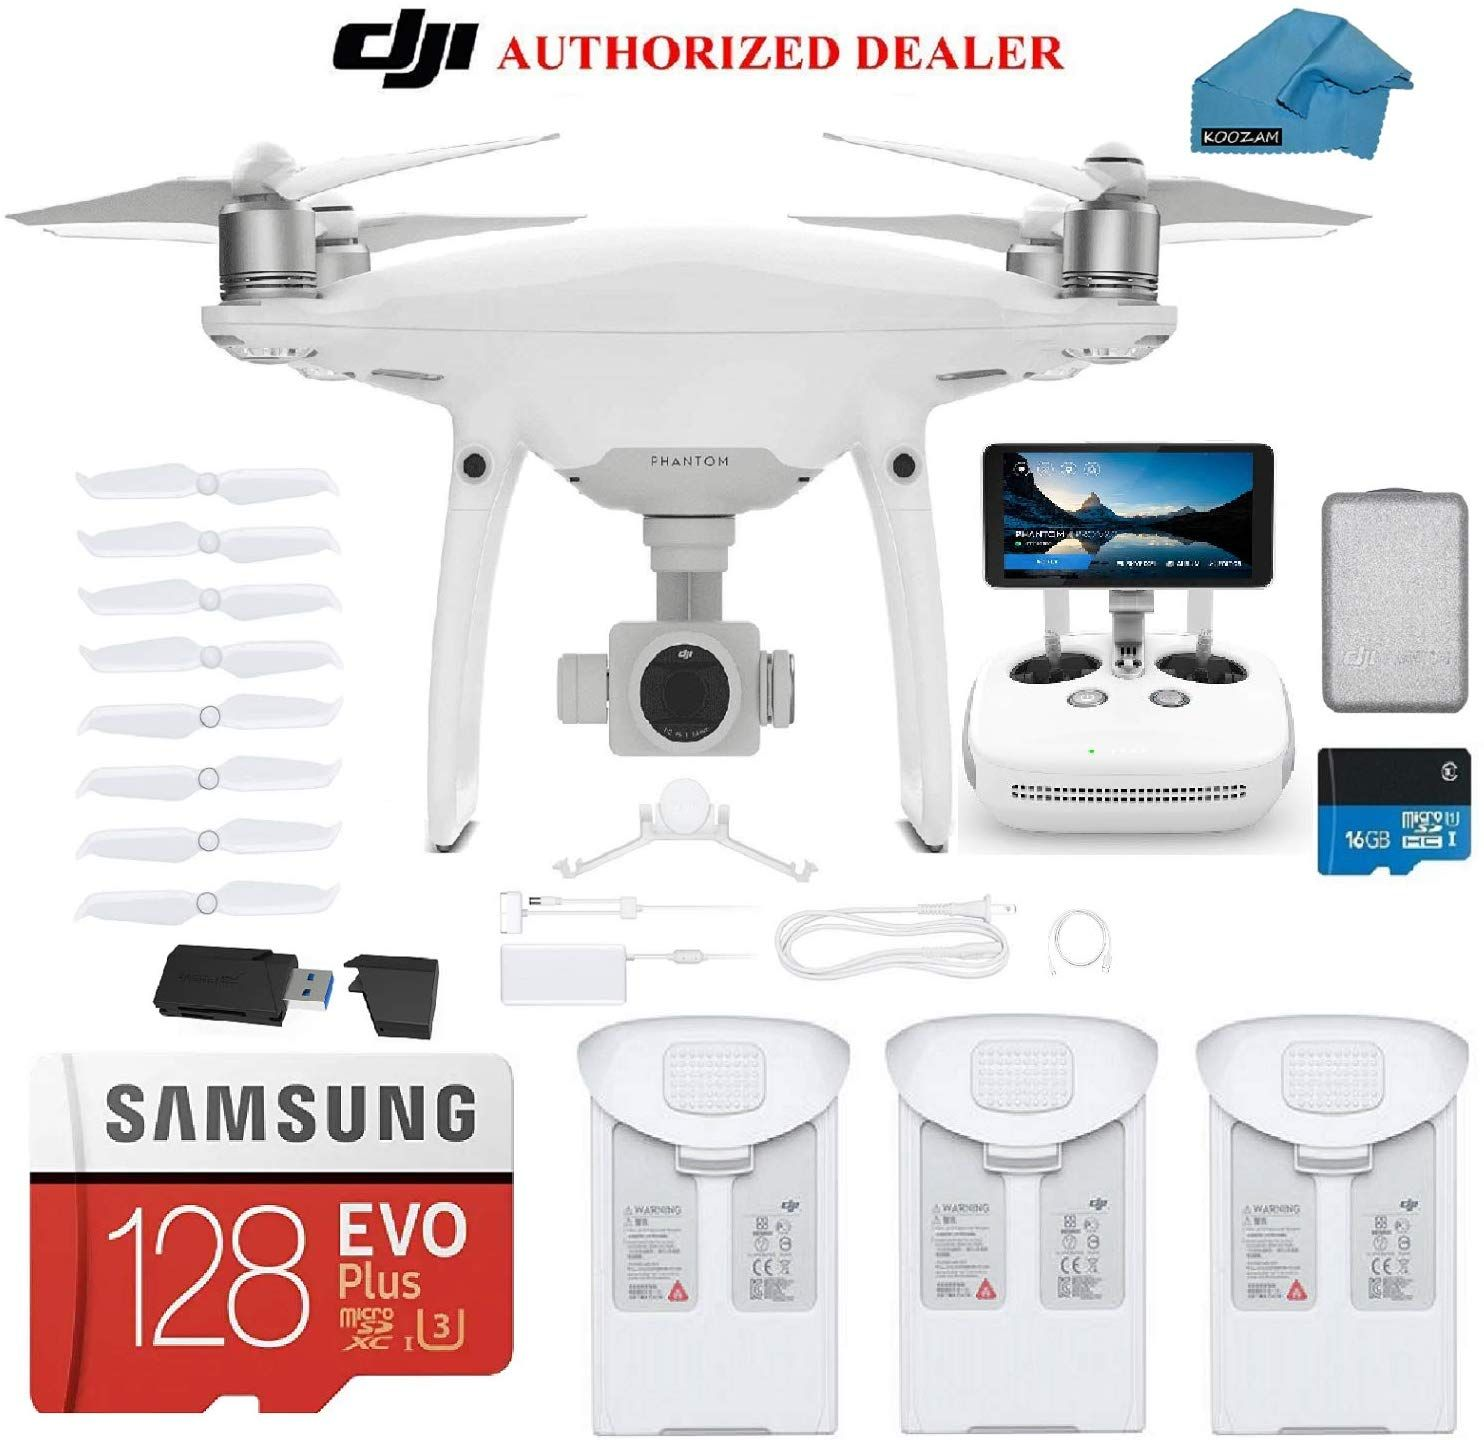 Dji Phantom 4 Pro Plus V2 0 Drone With 1 Inch 20mp 4k Camera Kit With Built In Monitor In 2020 Dji Phantom Dji Phantom 4 4k Camera